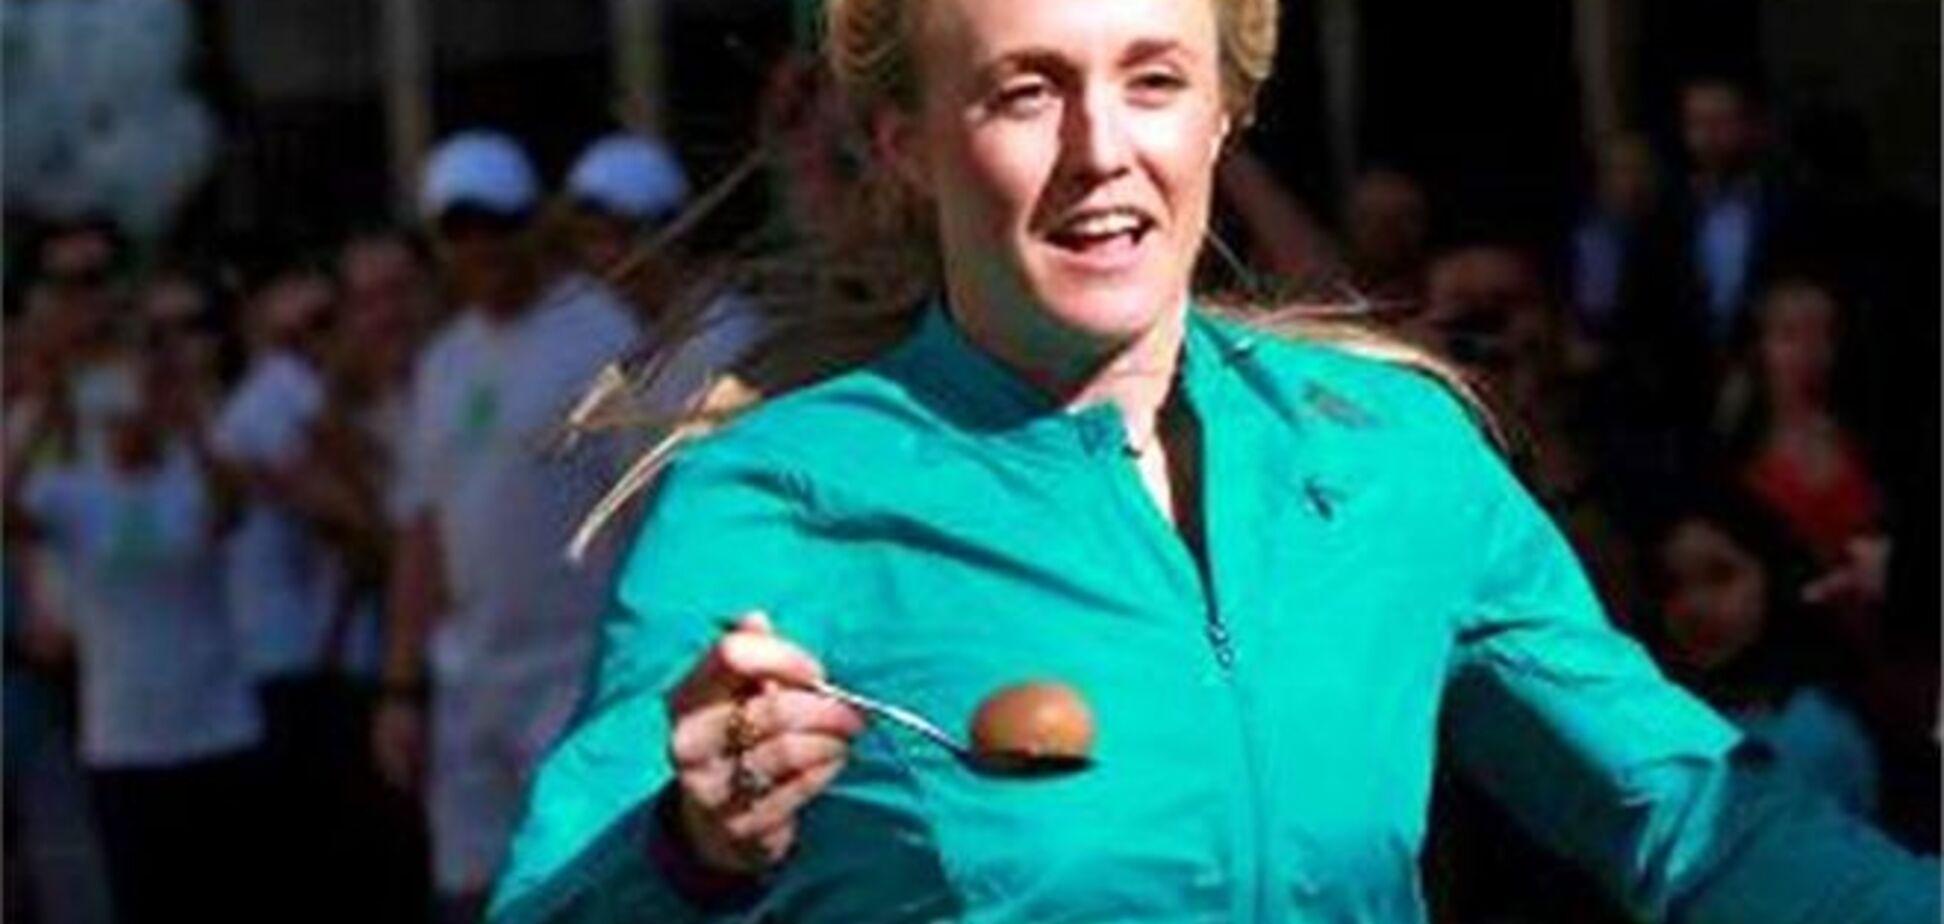 Олимпийская чемпионка установила рекорд в забеге с яйцом и ложкой